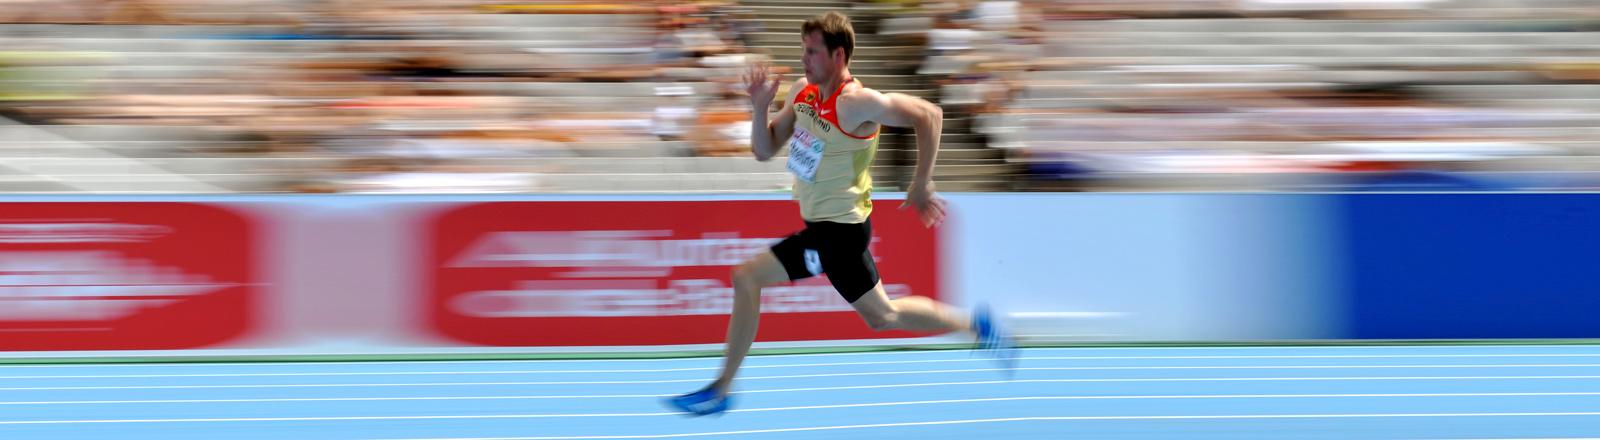 Sprinter Daniel Schnelting